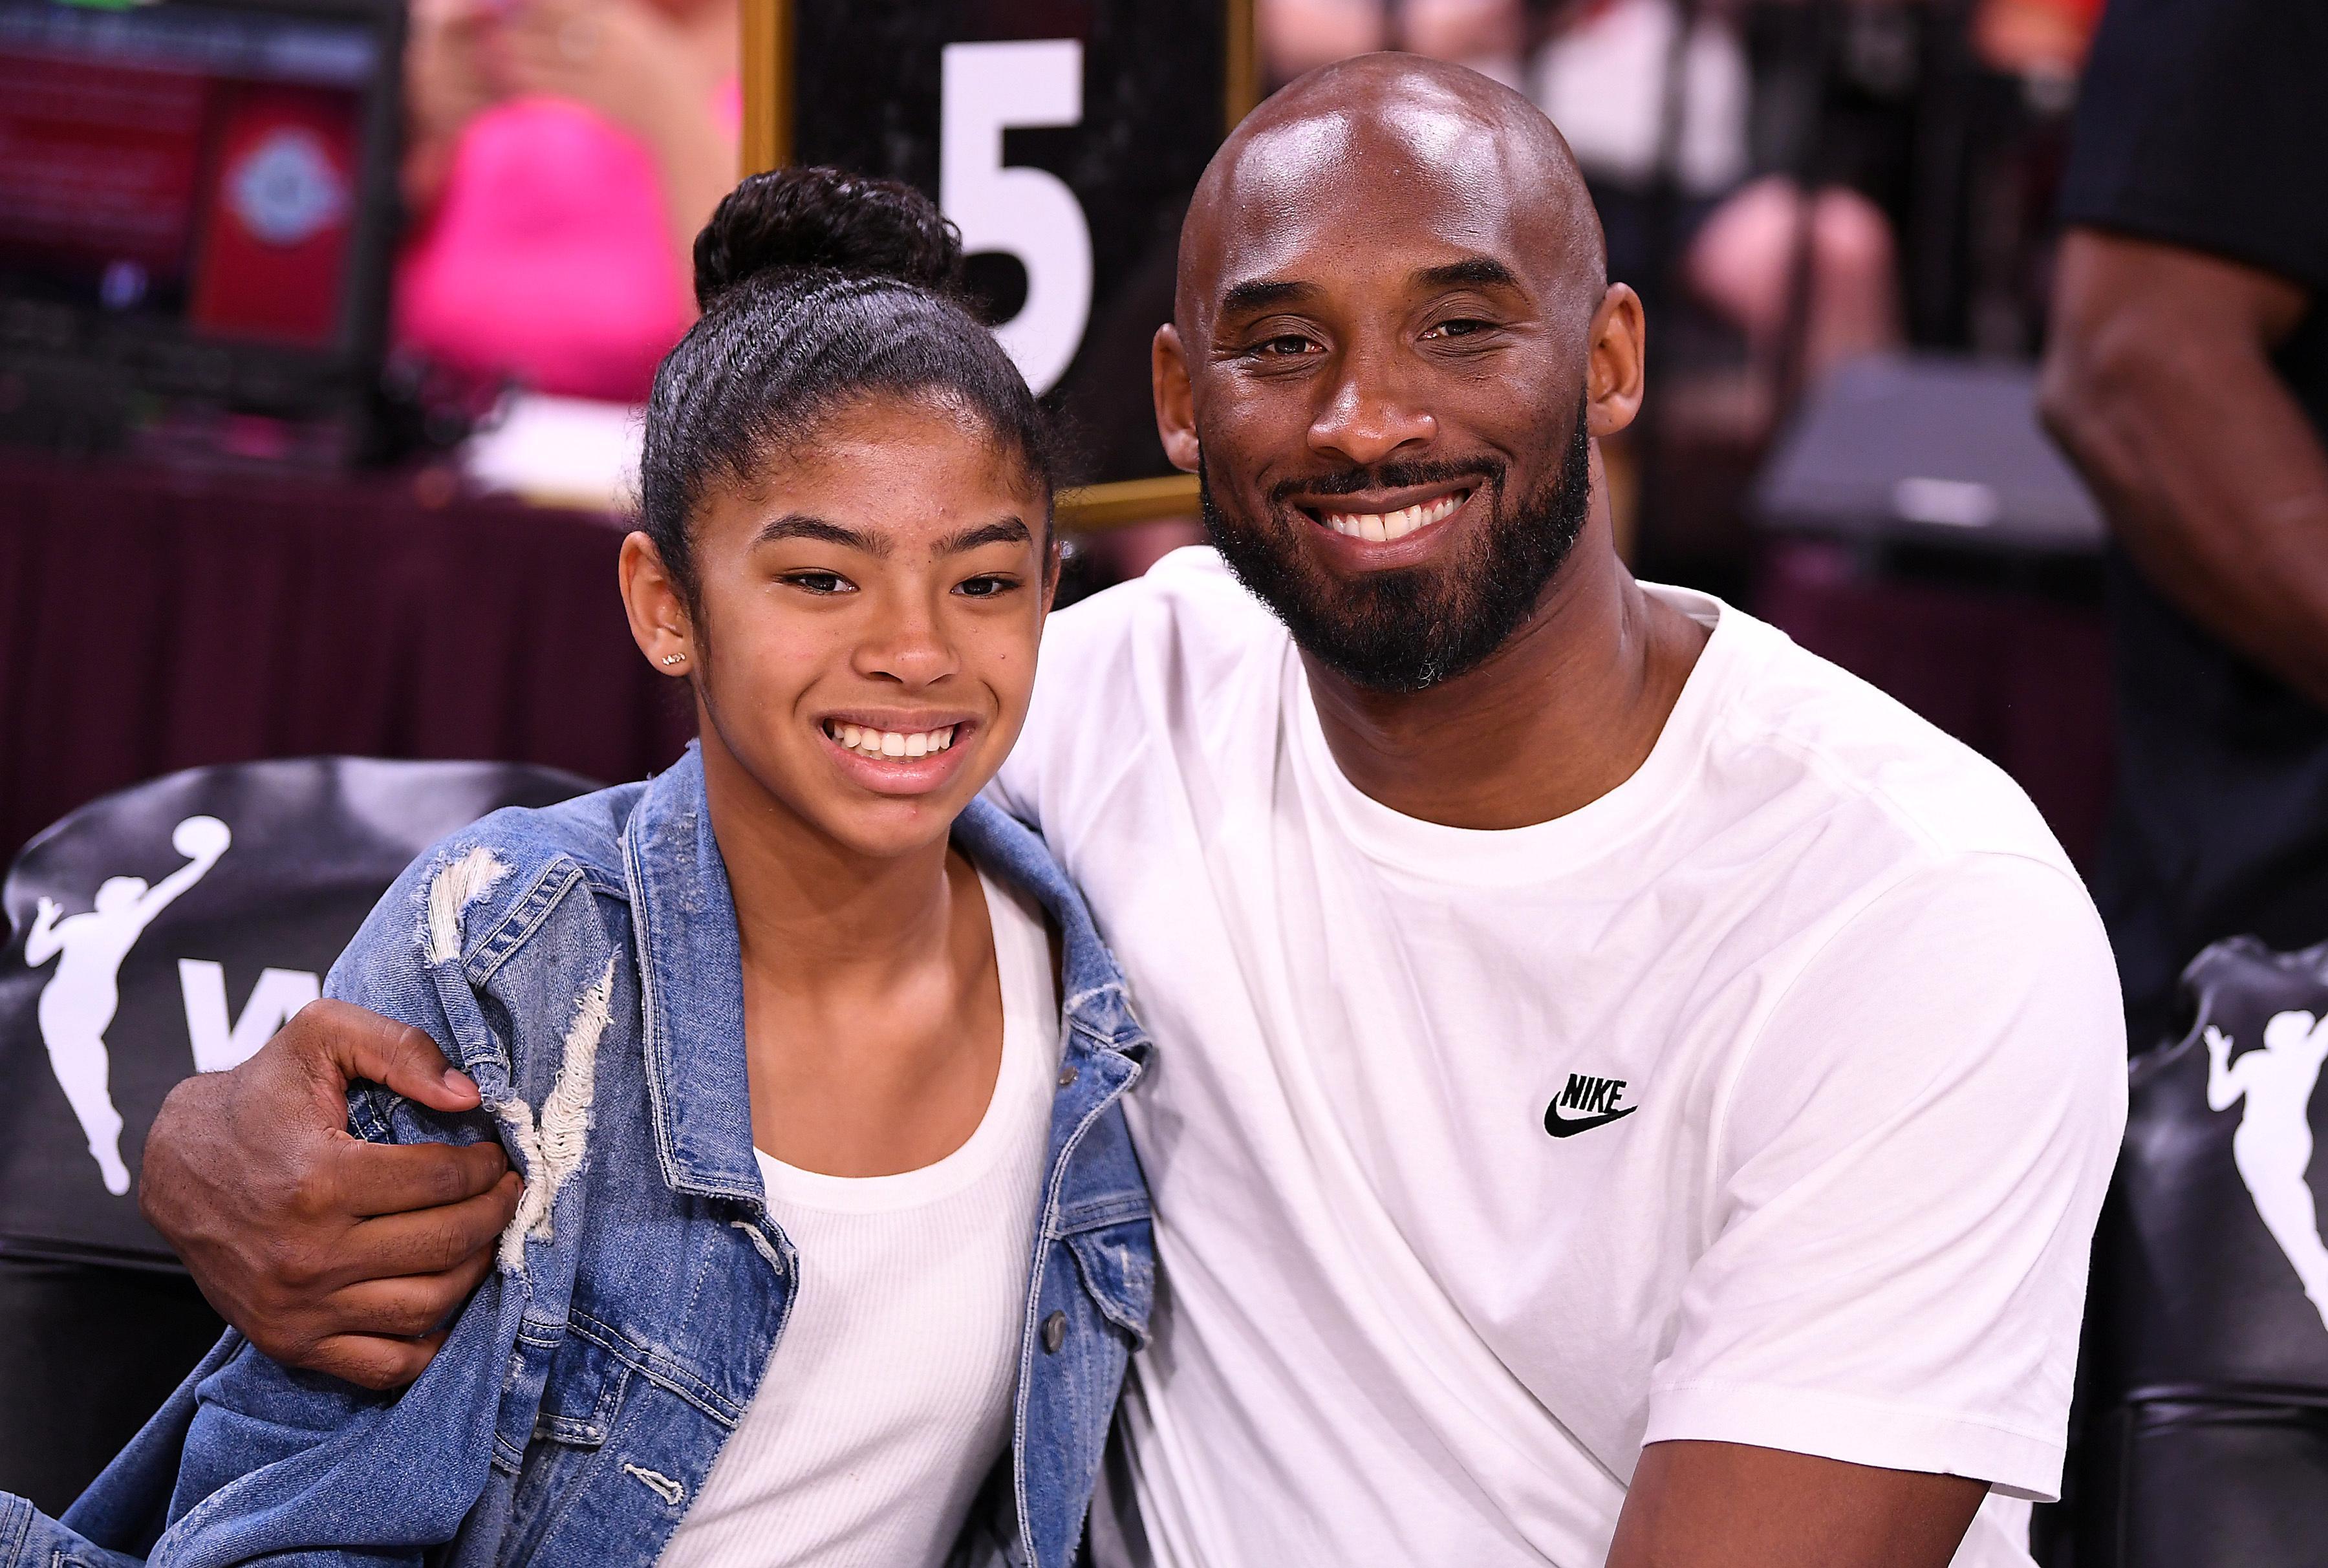 Kobe Bryant, daughter 'Mambacita' died pursuing basketball dream